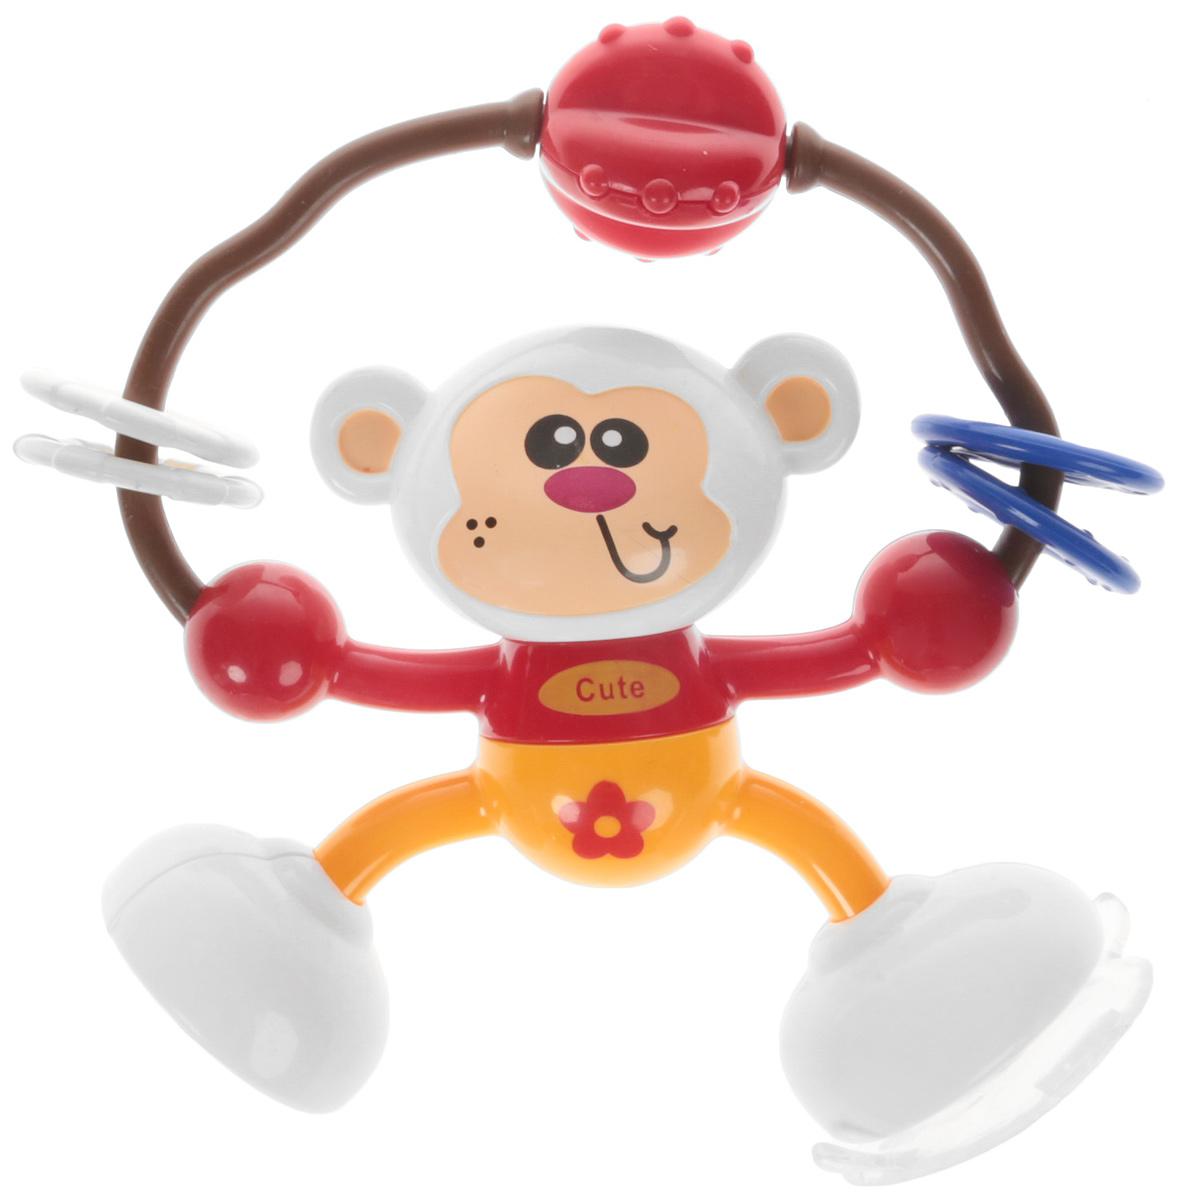 Ути-Пути Развивающая игрушка Обезьянка цвет красный оранжевый ути пути набор погремушек гремелки звенелки цвет красный желтый 2 шт